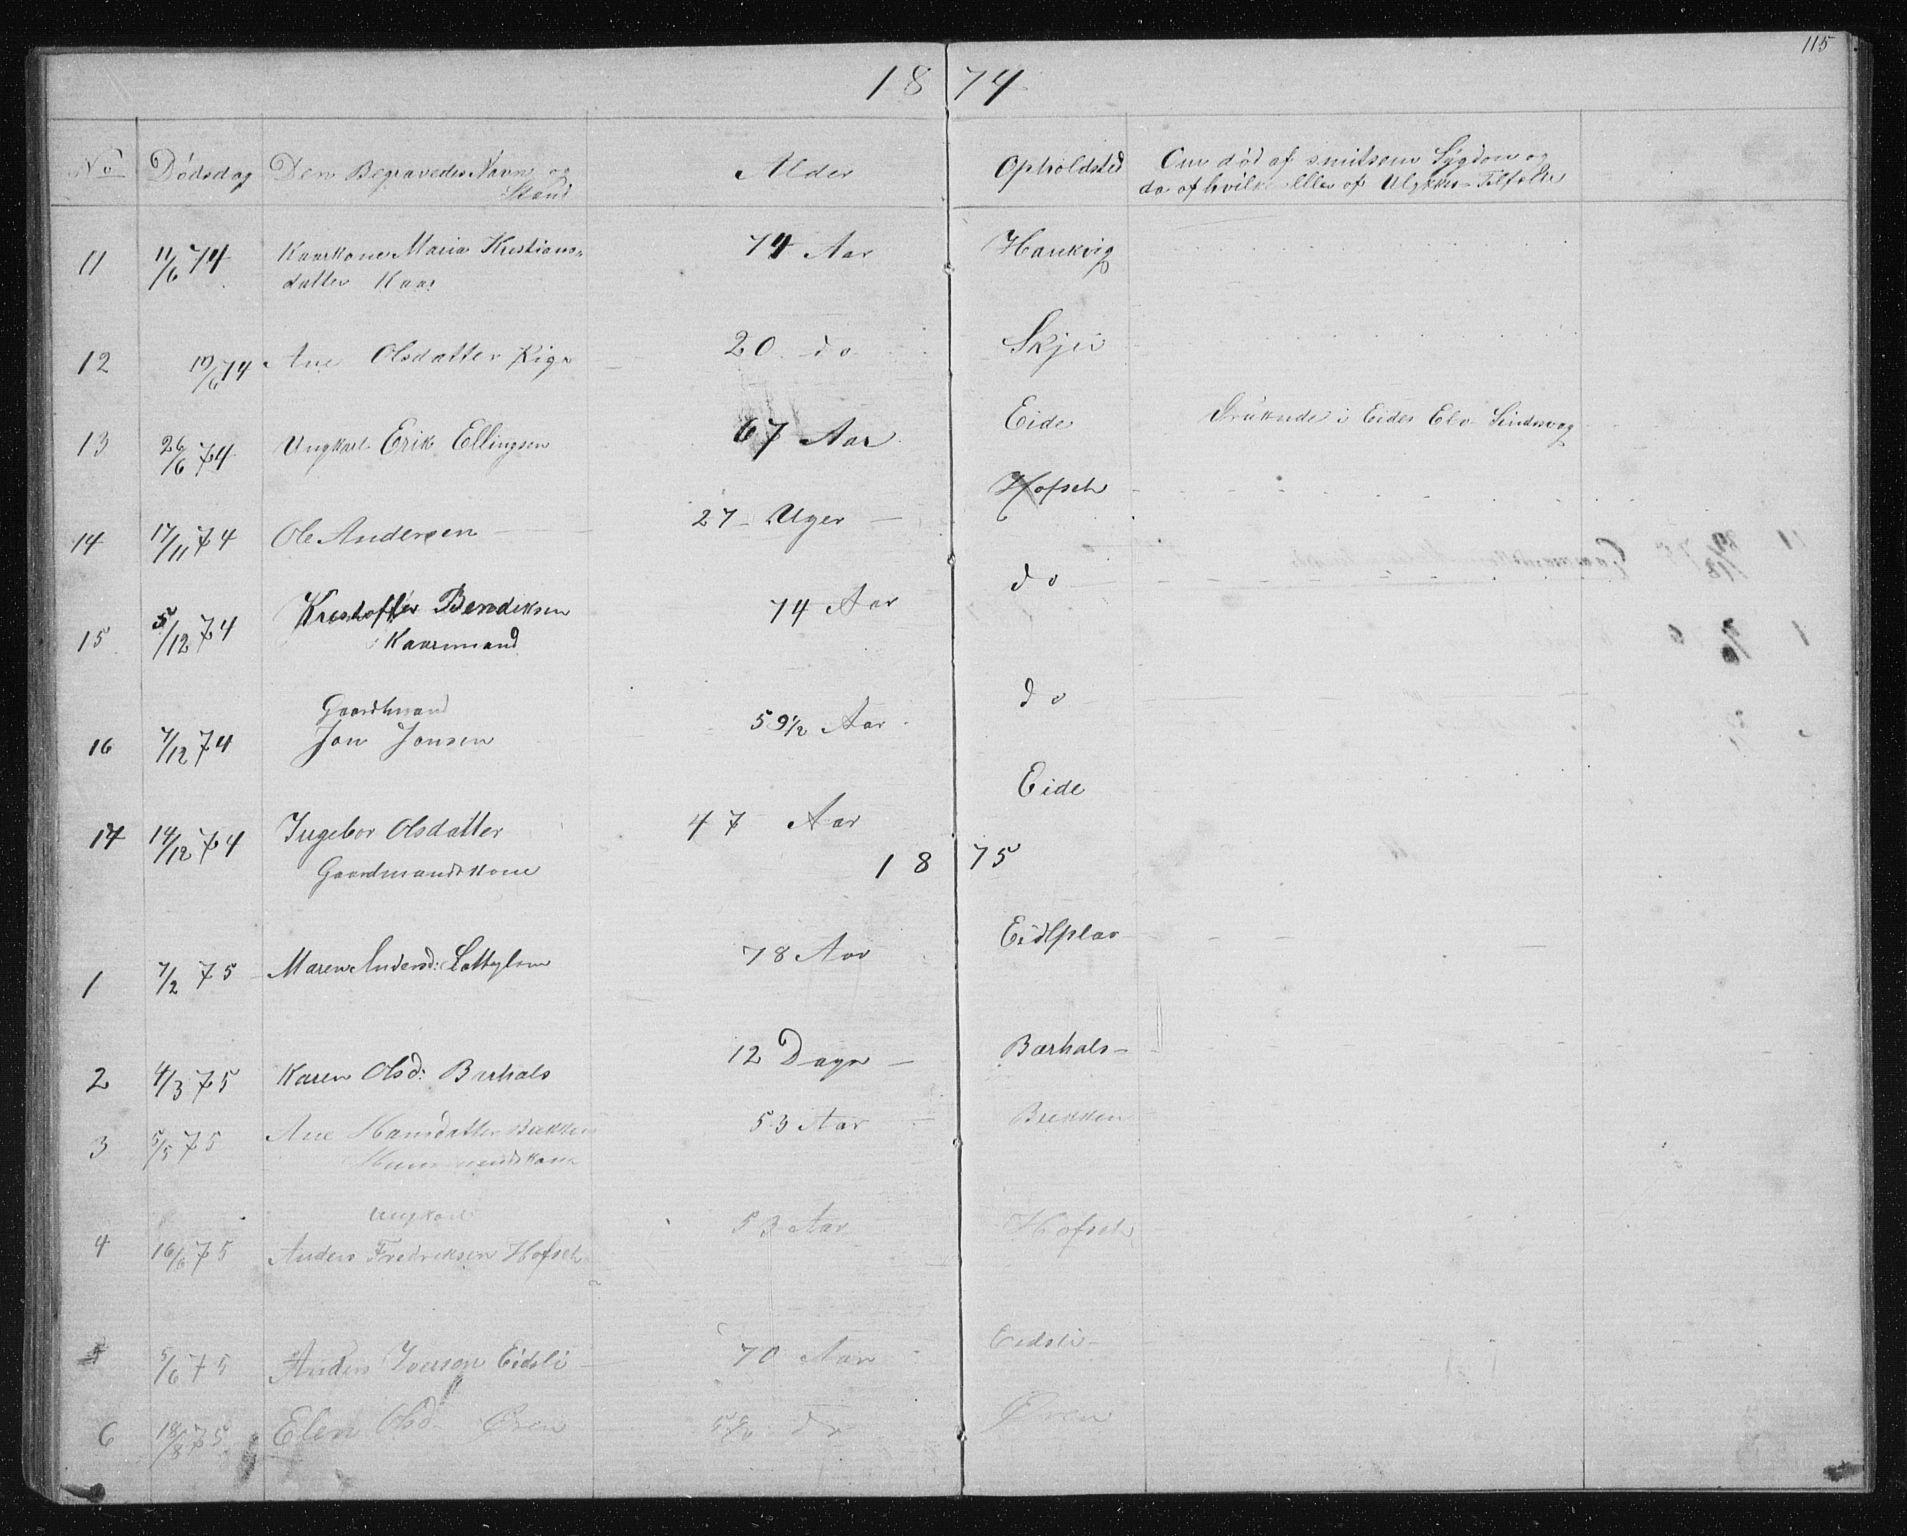 SAT, Ministerialprotokoller, klokkerbøker og fødselsregistre - Sør-Trøndelag, 631/L0513: Klokkerbok nr. 631C01, 1869-1879, s. 115